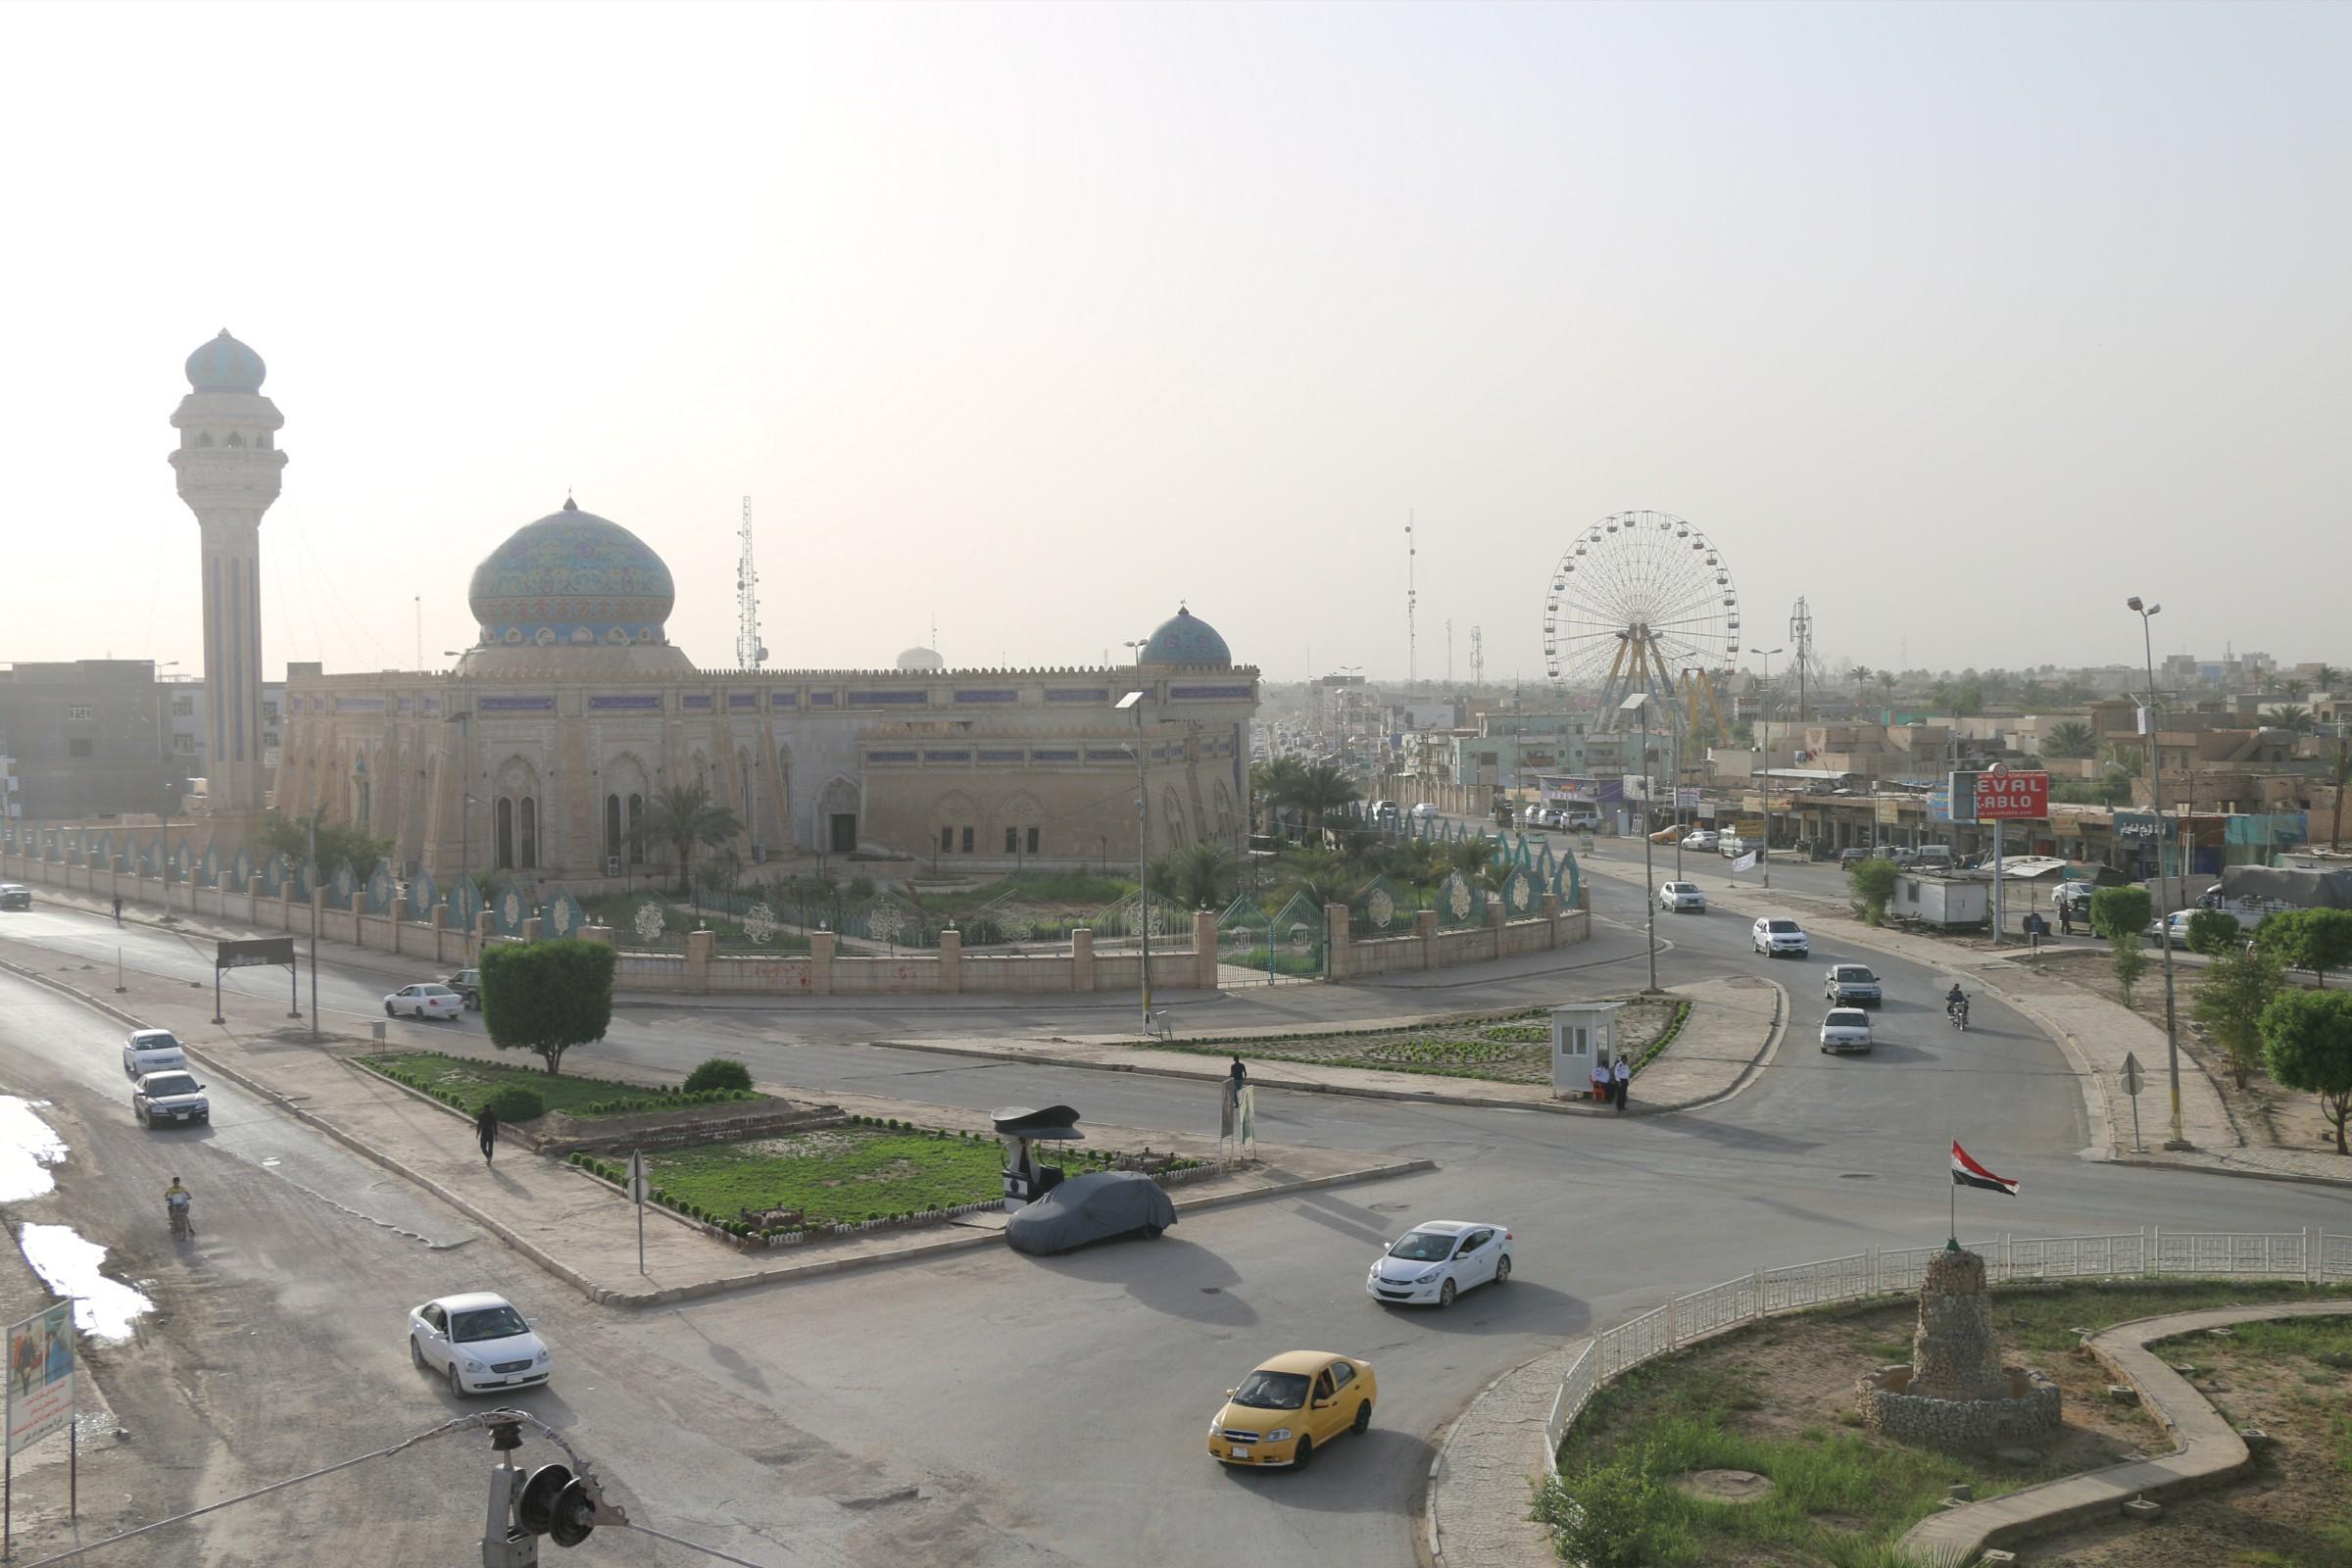 الزاملي وقائد حرس الحدود يتفقدان القطعات الامنية بين الرطبة وطريبيل